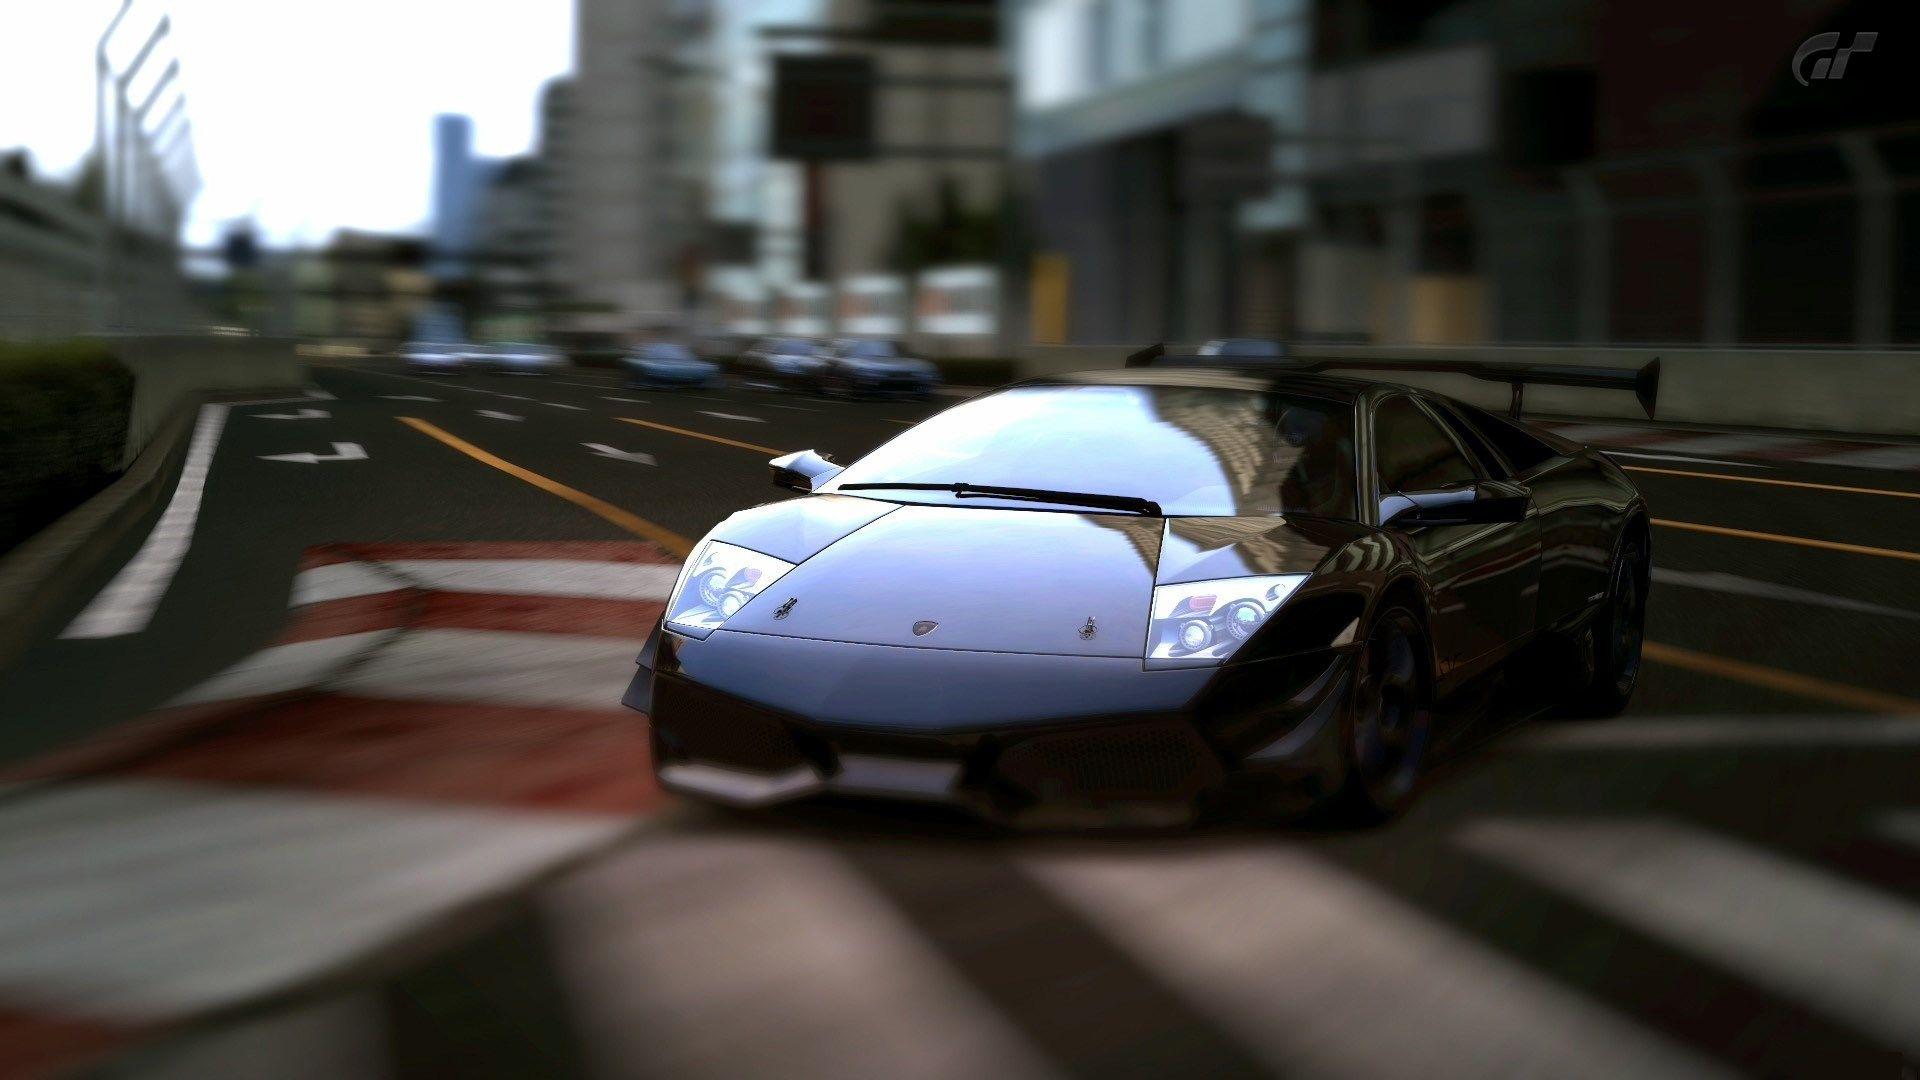 Wallpapers For Desktop Lamborghini Image